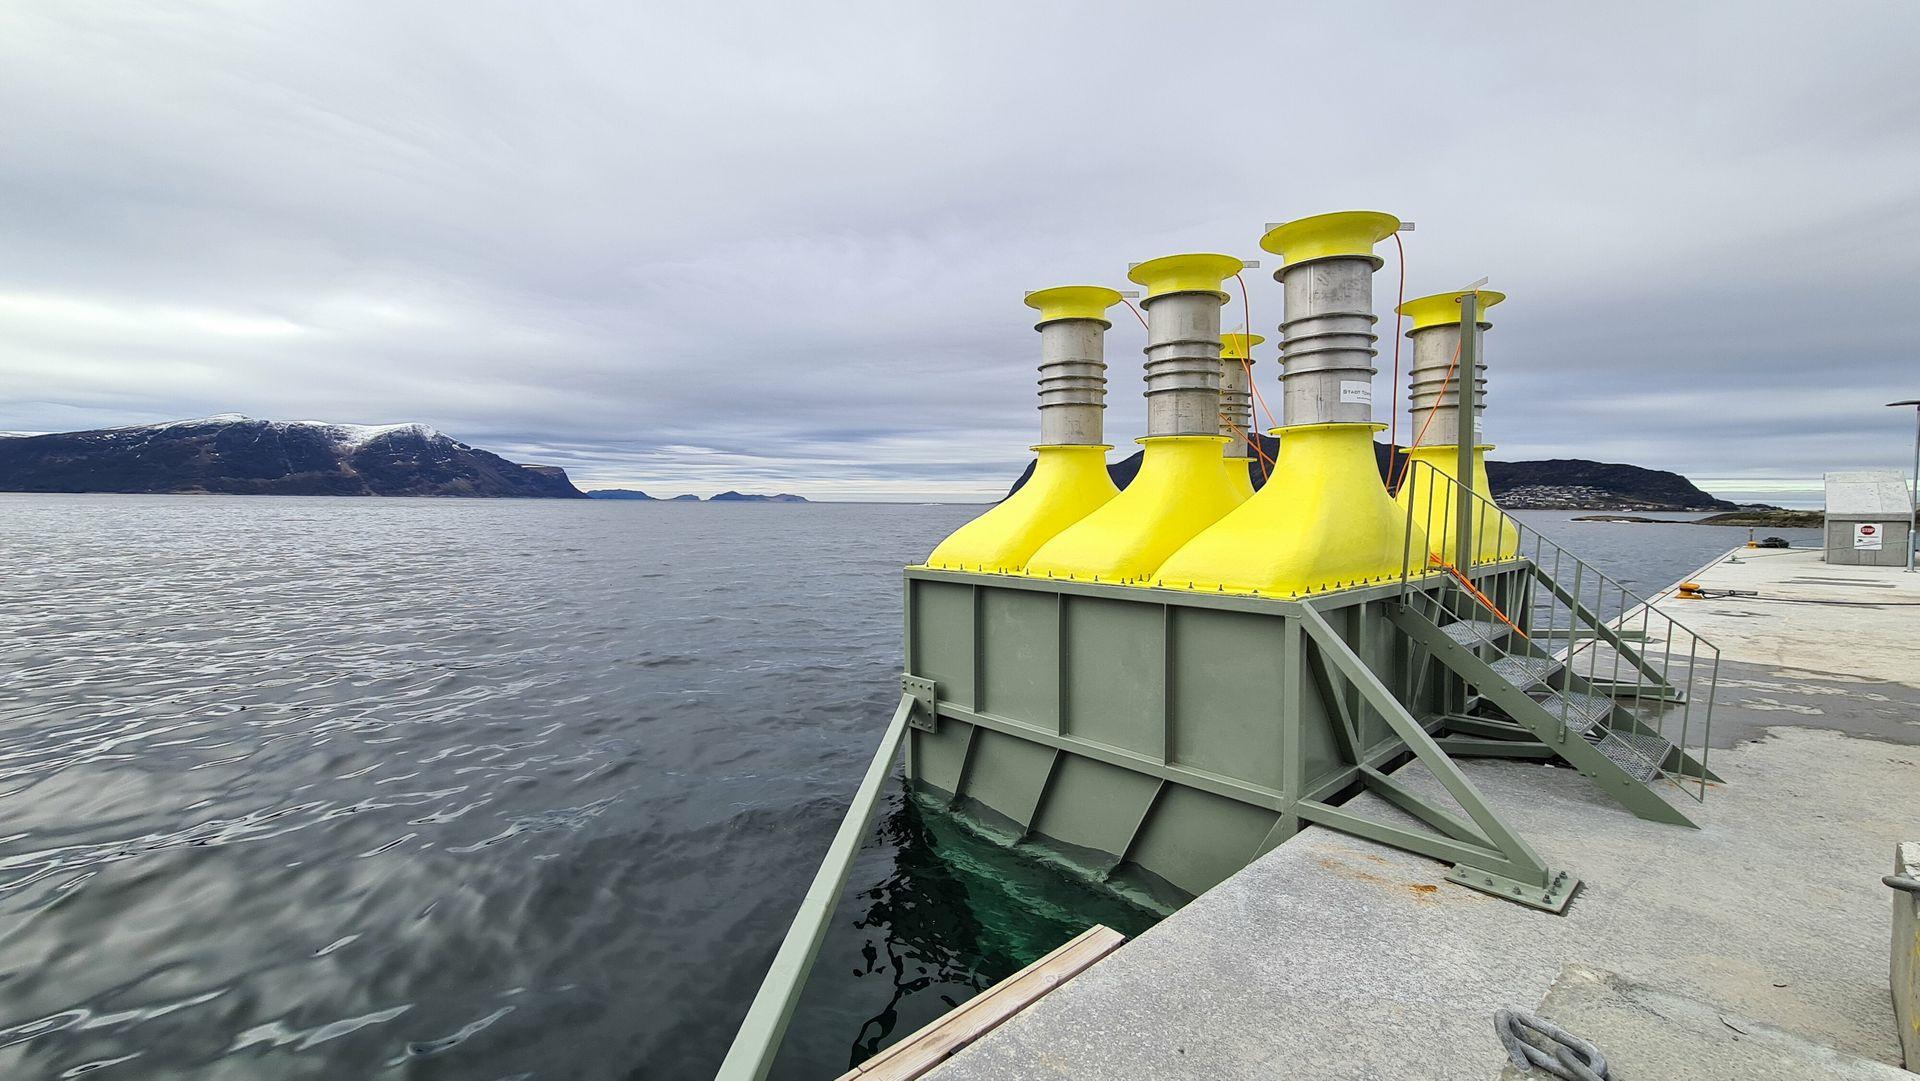 ANNONSE: Innovativ norsk løsning åpner nye bølgekraftmuligheter